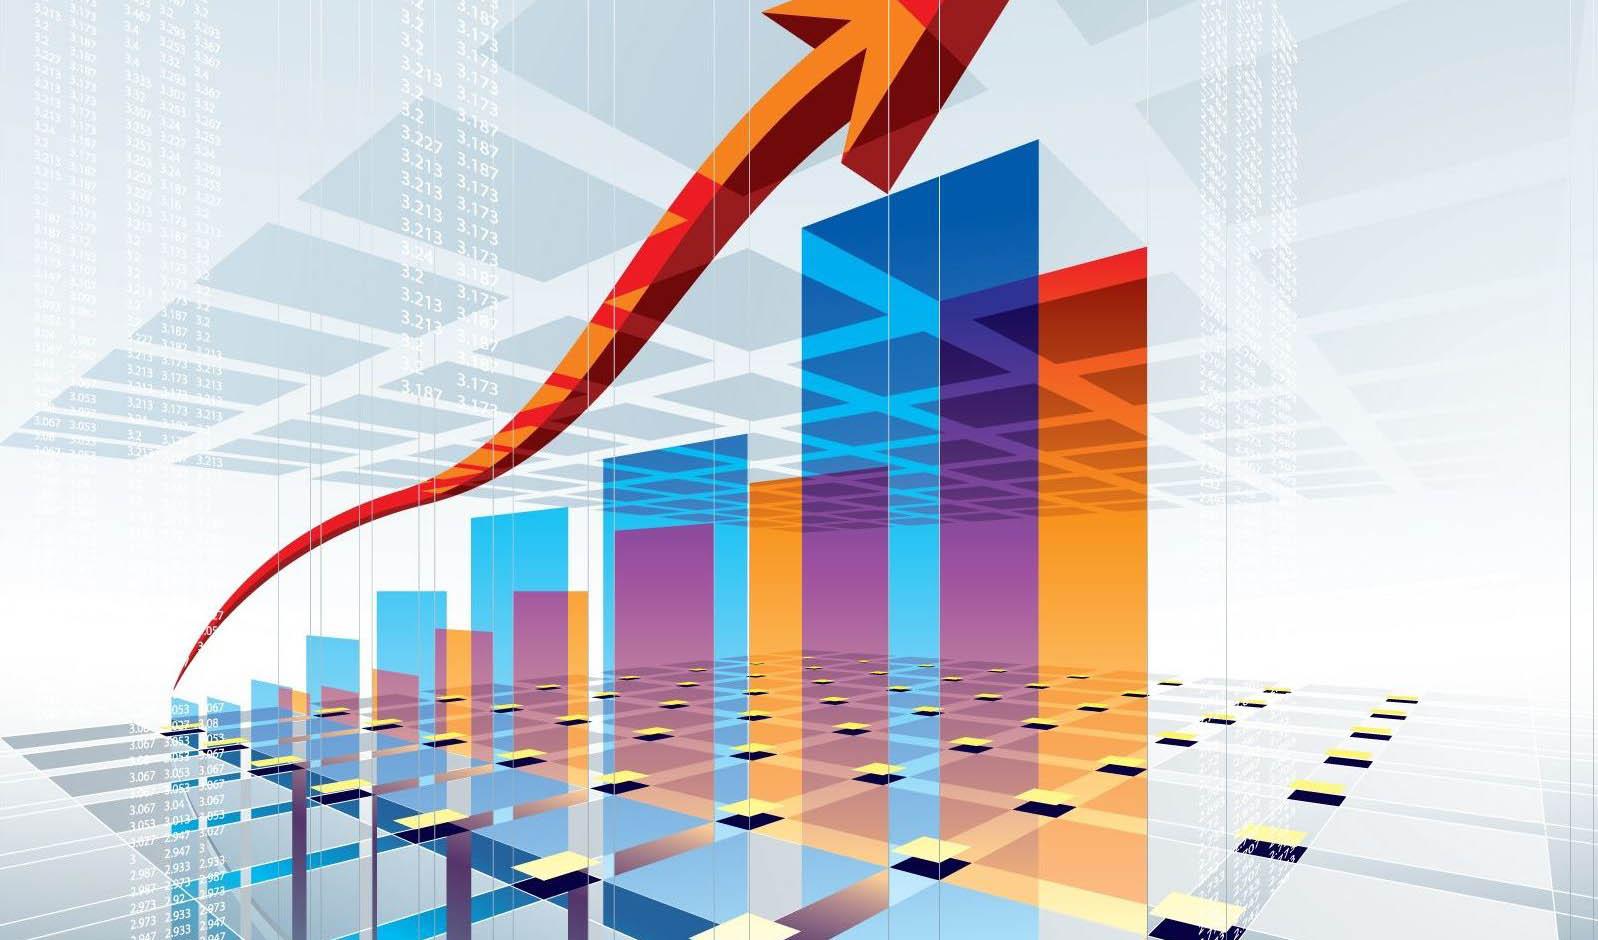 رشد اقتصادی با نفت در سال۹۹ به ۳.۶درصد رسید/ رشد بدون نفت ۲.۵درصد